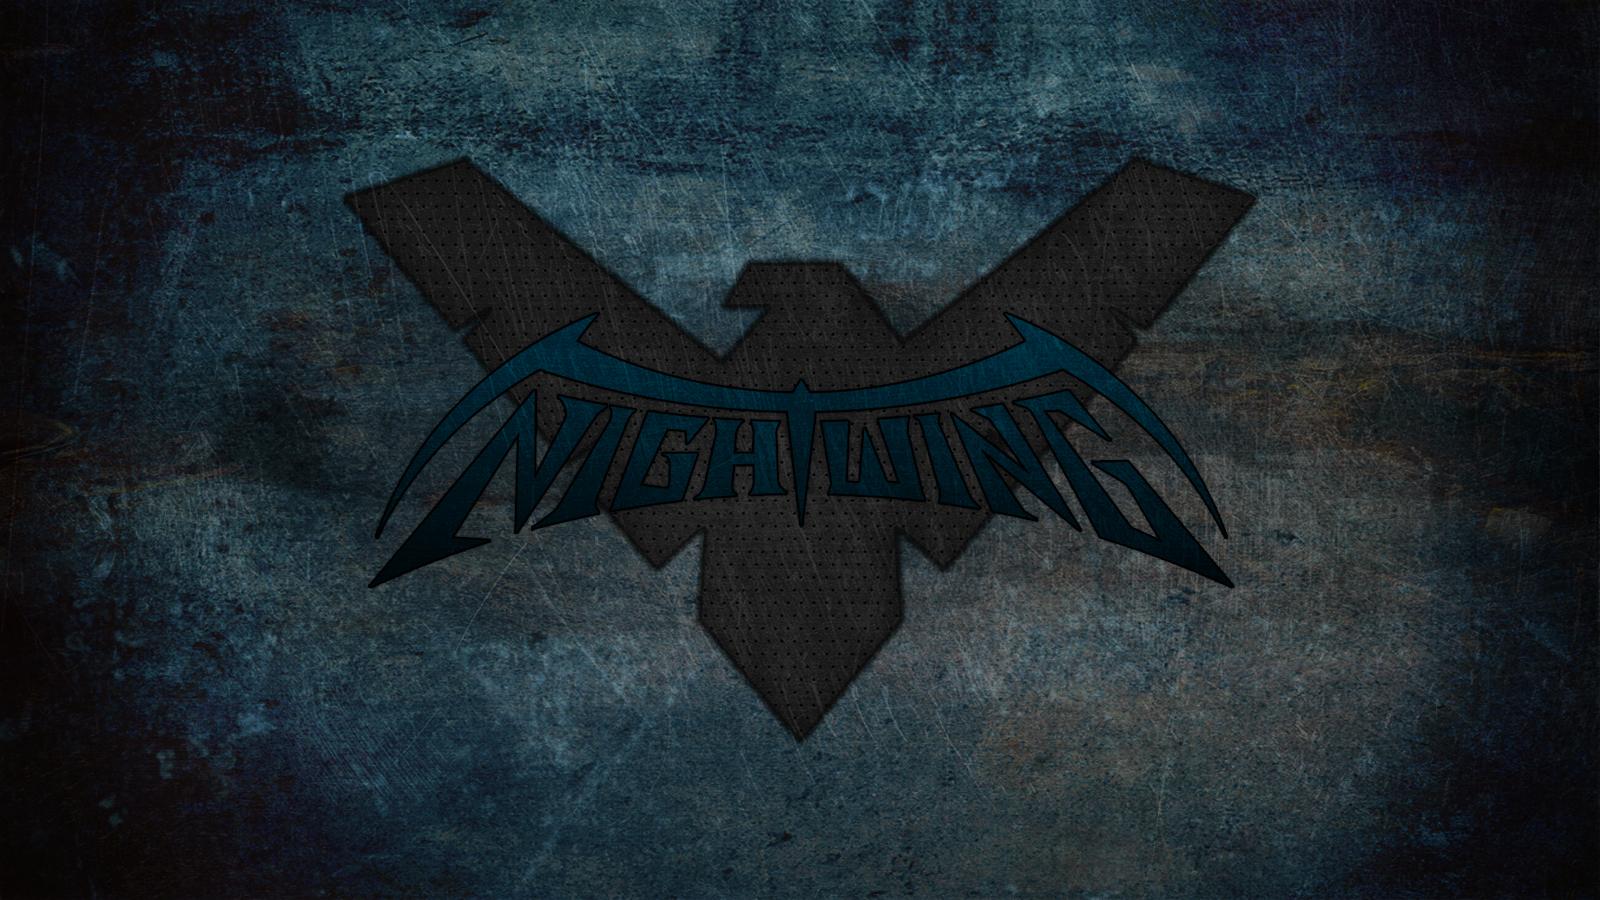 Nightwing Symbol Wallpaper Nightwing 1600x900